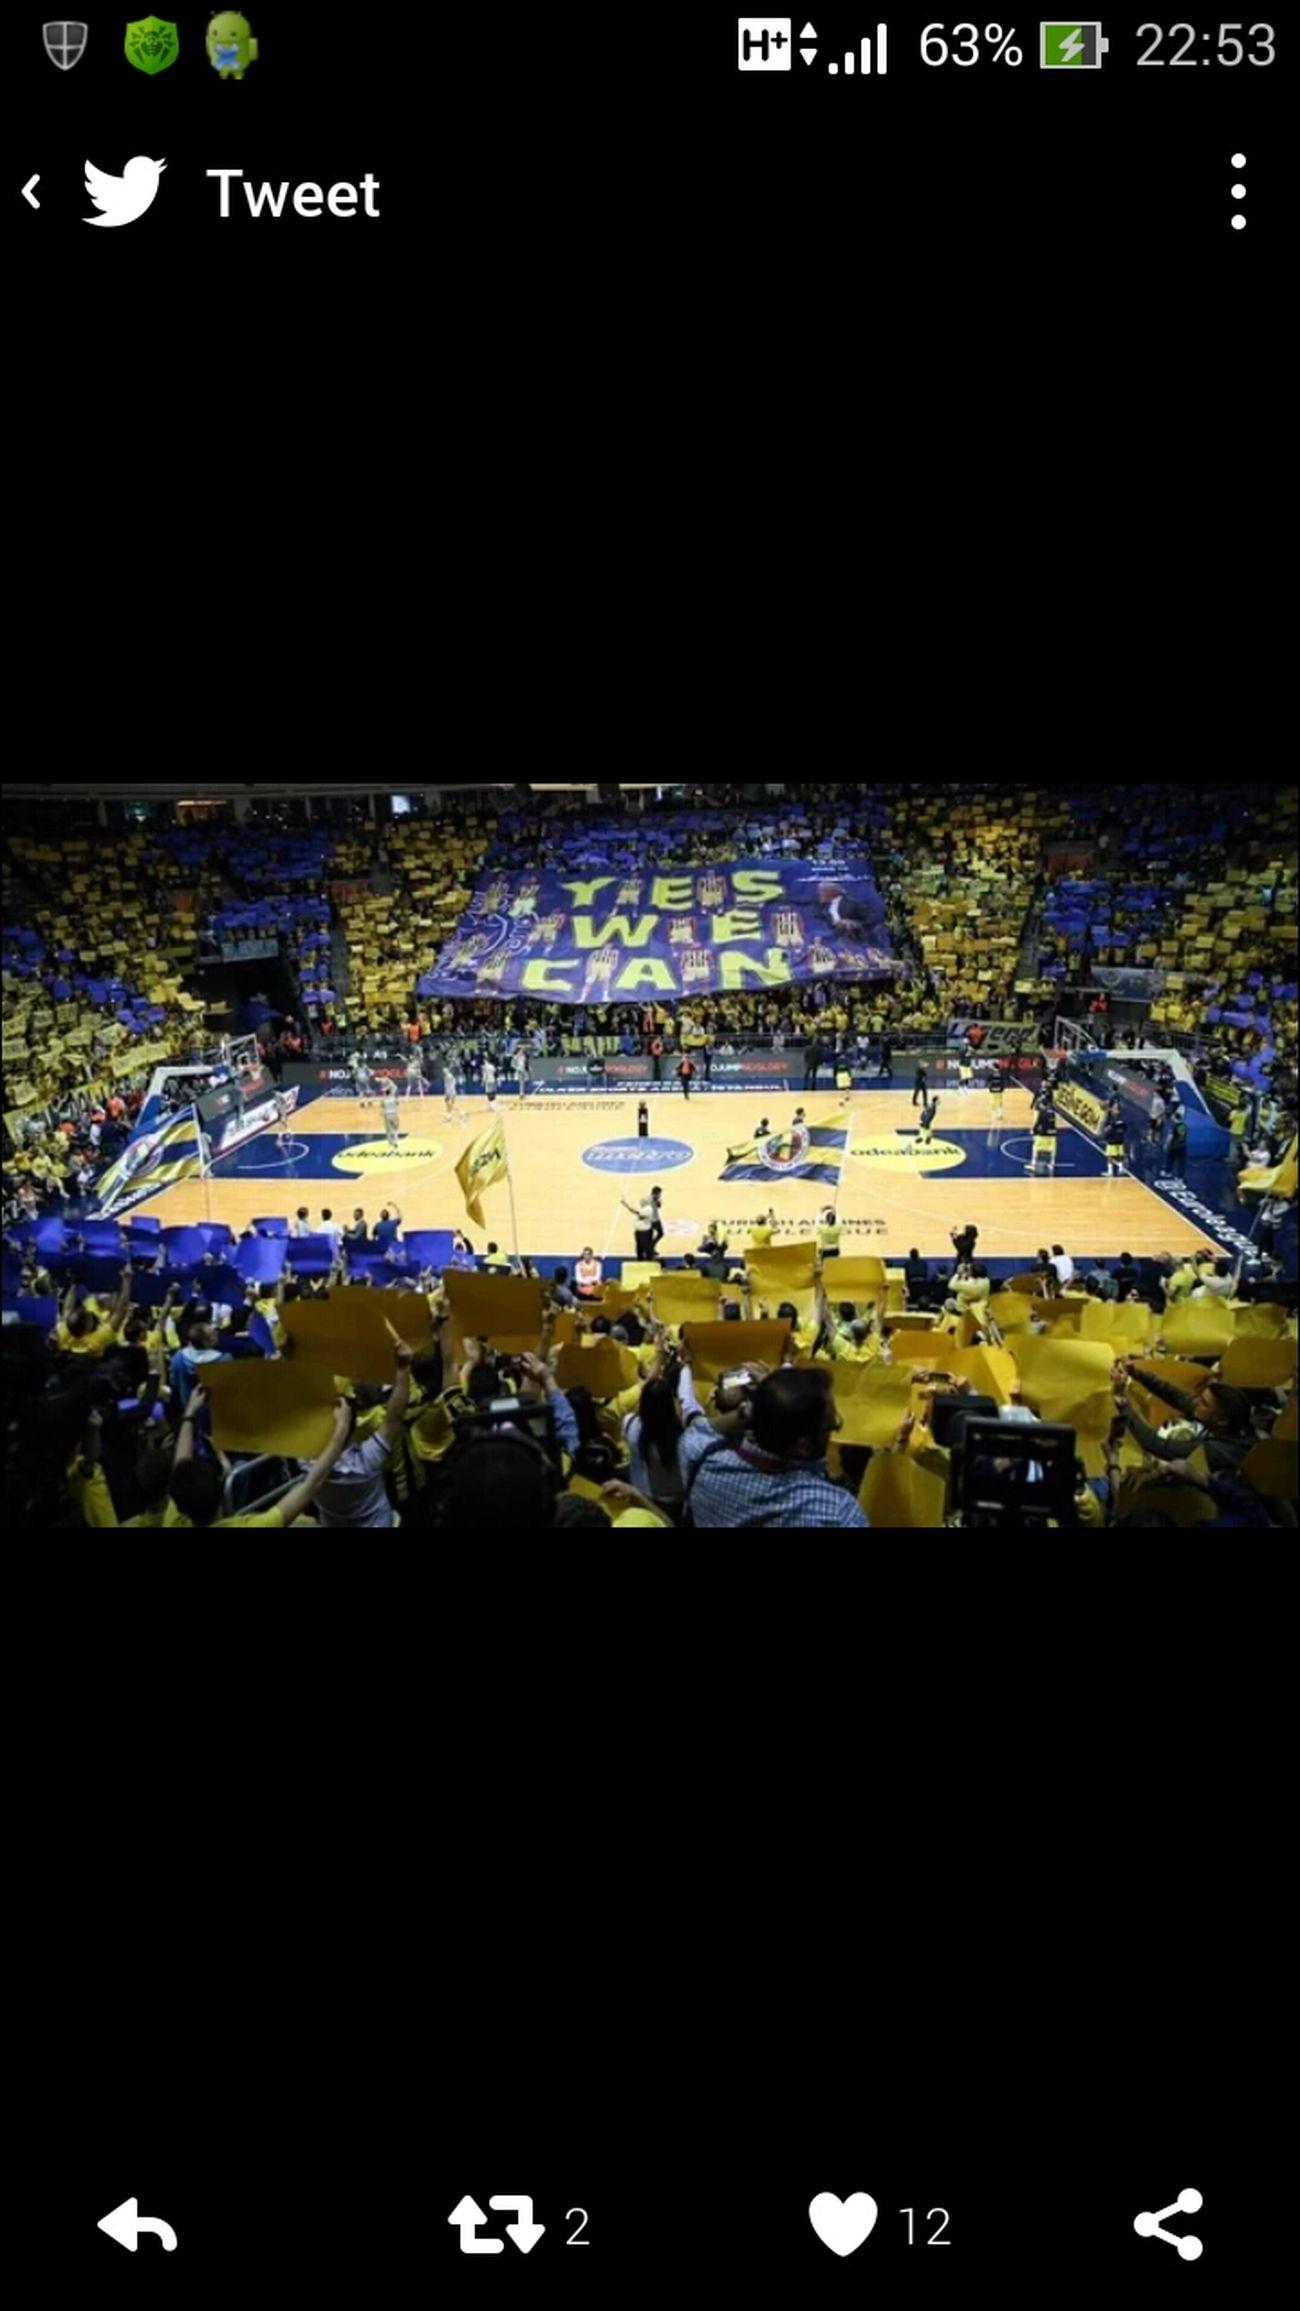 Fenerbahce 100 - 78 Real Madrid Euroleague Basketball Top8 Roadtoberlin Fenerbahce  Fenerbahçe SK ülkersportsarena Realmadrid Supporters Fenerbahcem Fenerbahçe♡